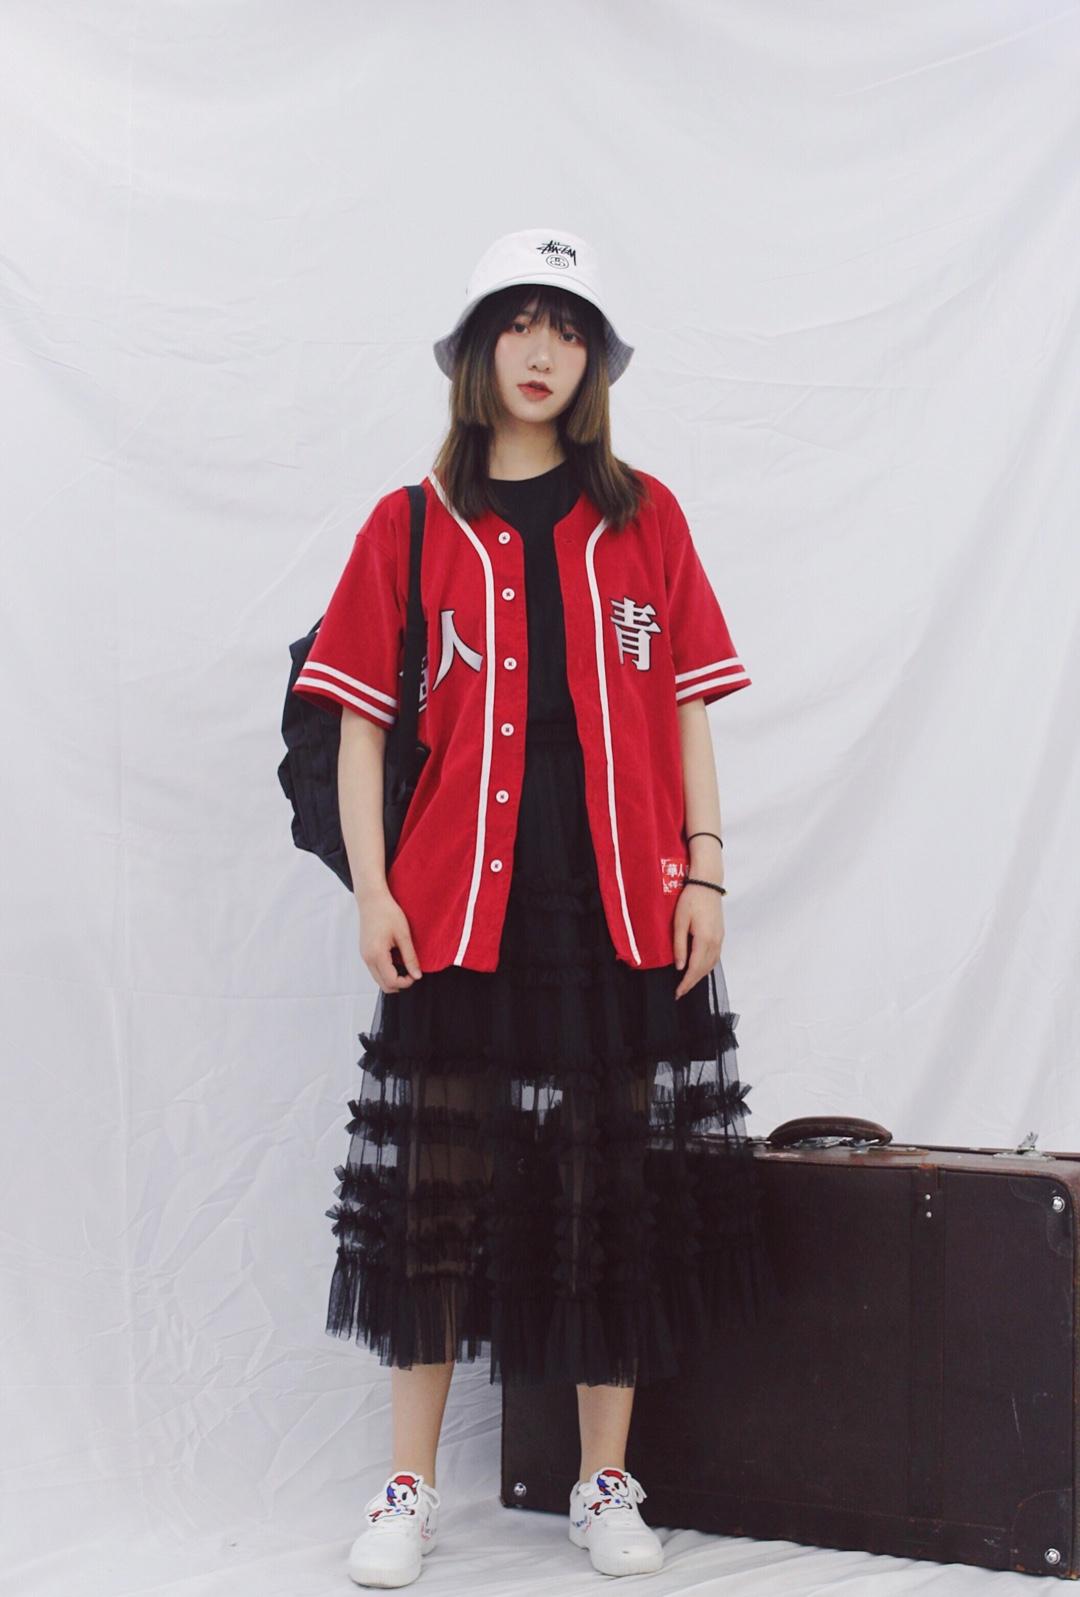 #overzise显高显瘦,时髦我有!#  很具有自己风格的华人青年红色上衣 棒球衫的短袖设计 后背的刺绣都是特色 搭配网纱裙也丝毫不会减少帅气的感觉 配饰选择渔夫帽和双肩包 使整体看起来更随意